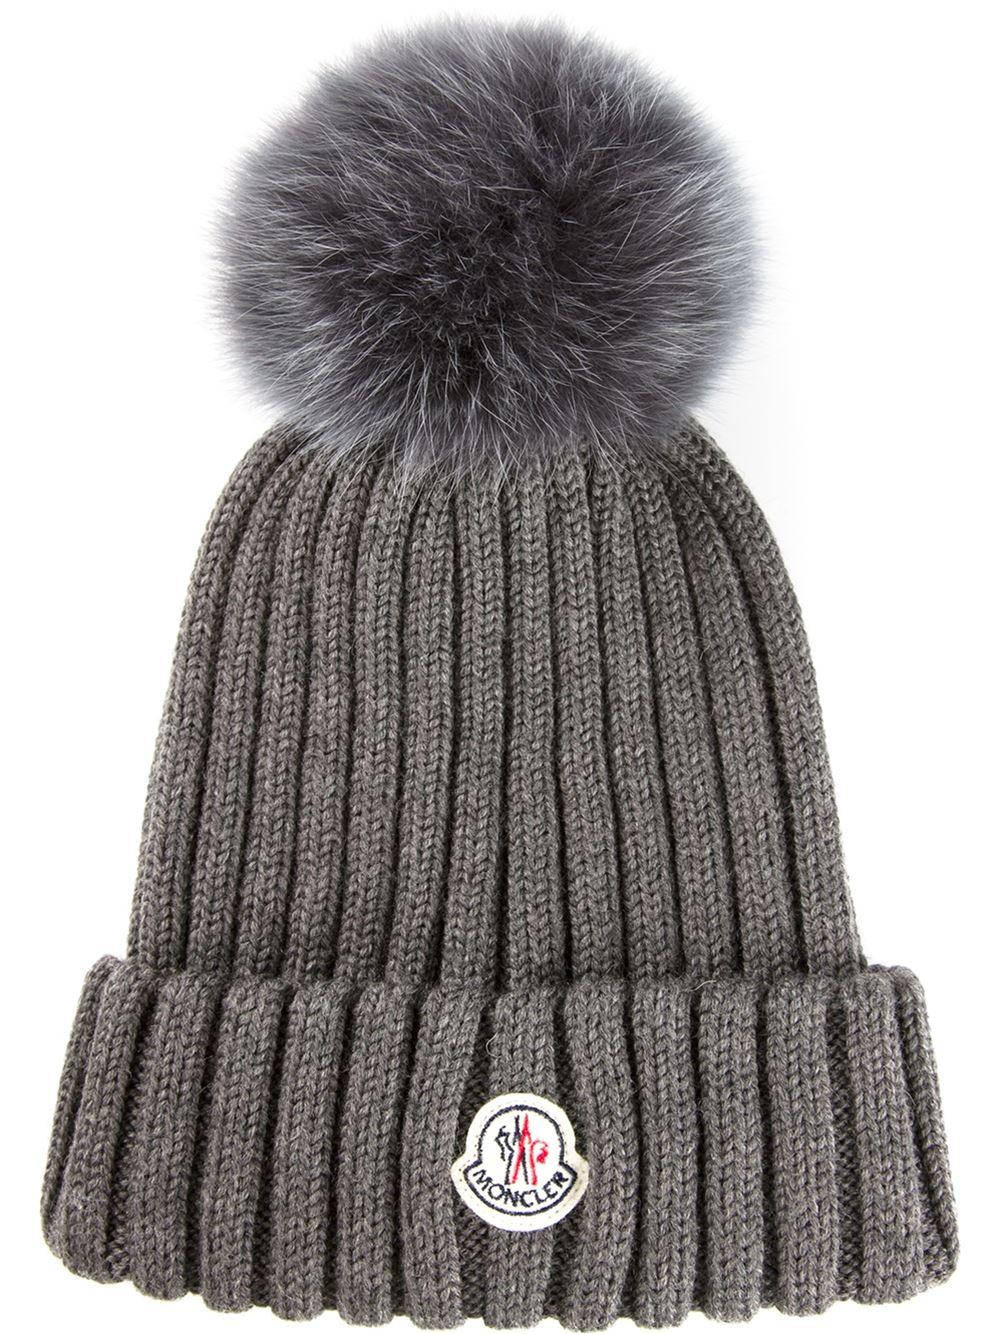 cec283a9fc9 Lyst - Moncler Fox Fur Bobble Hat in Gray